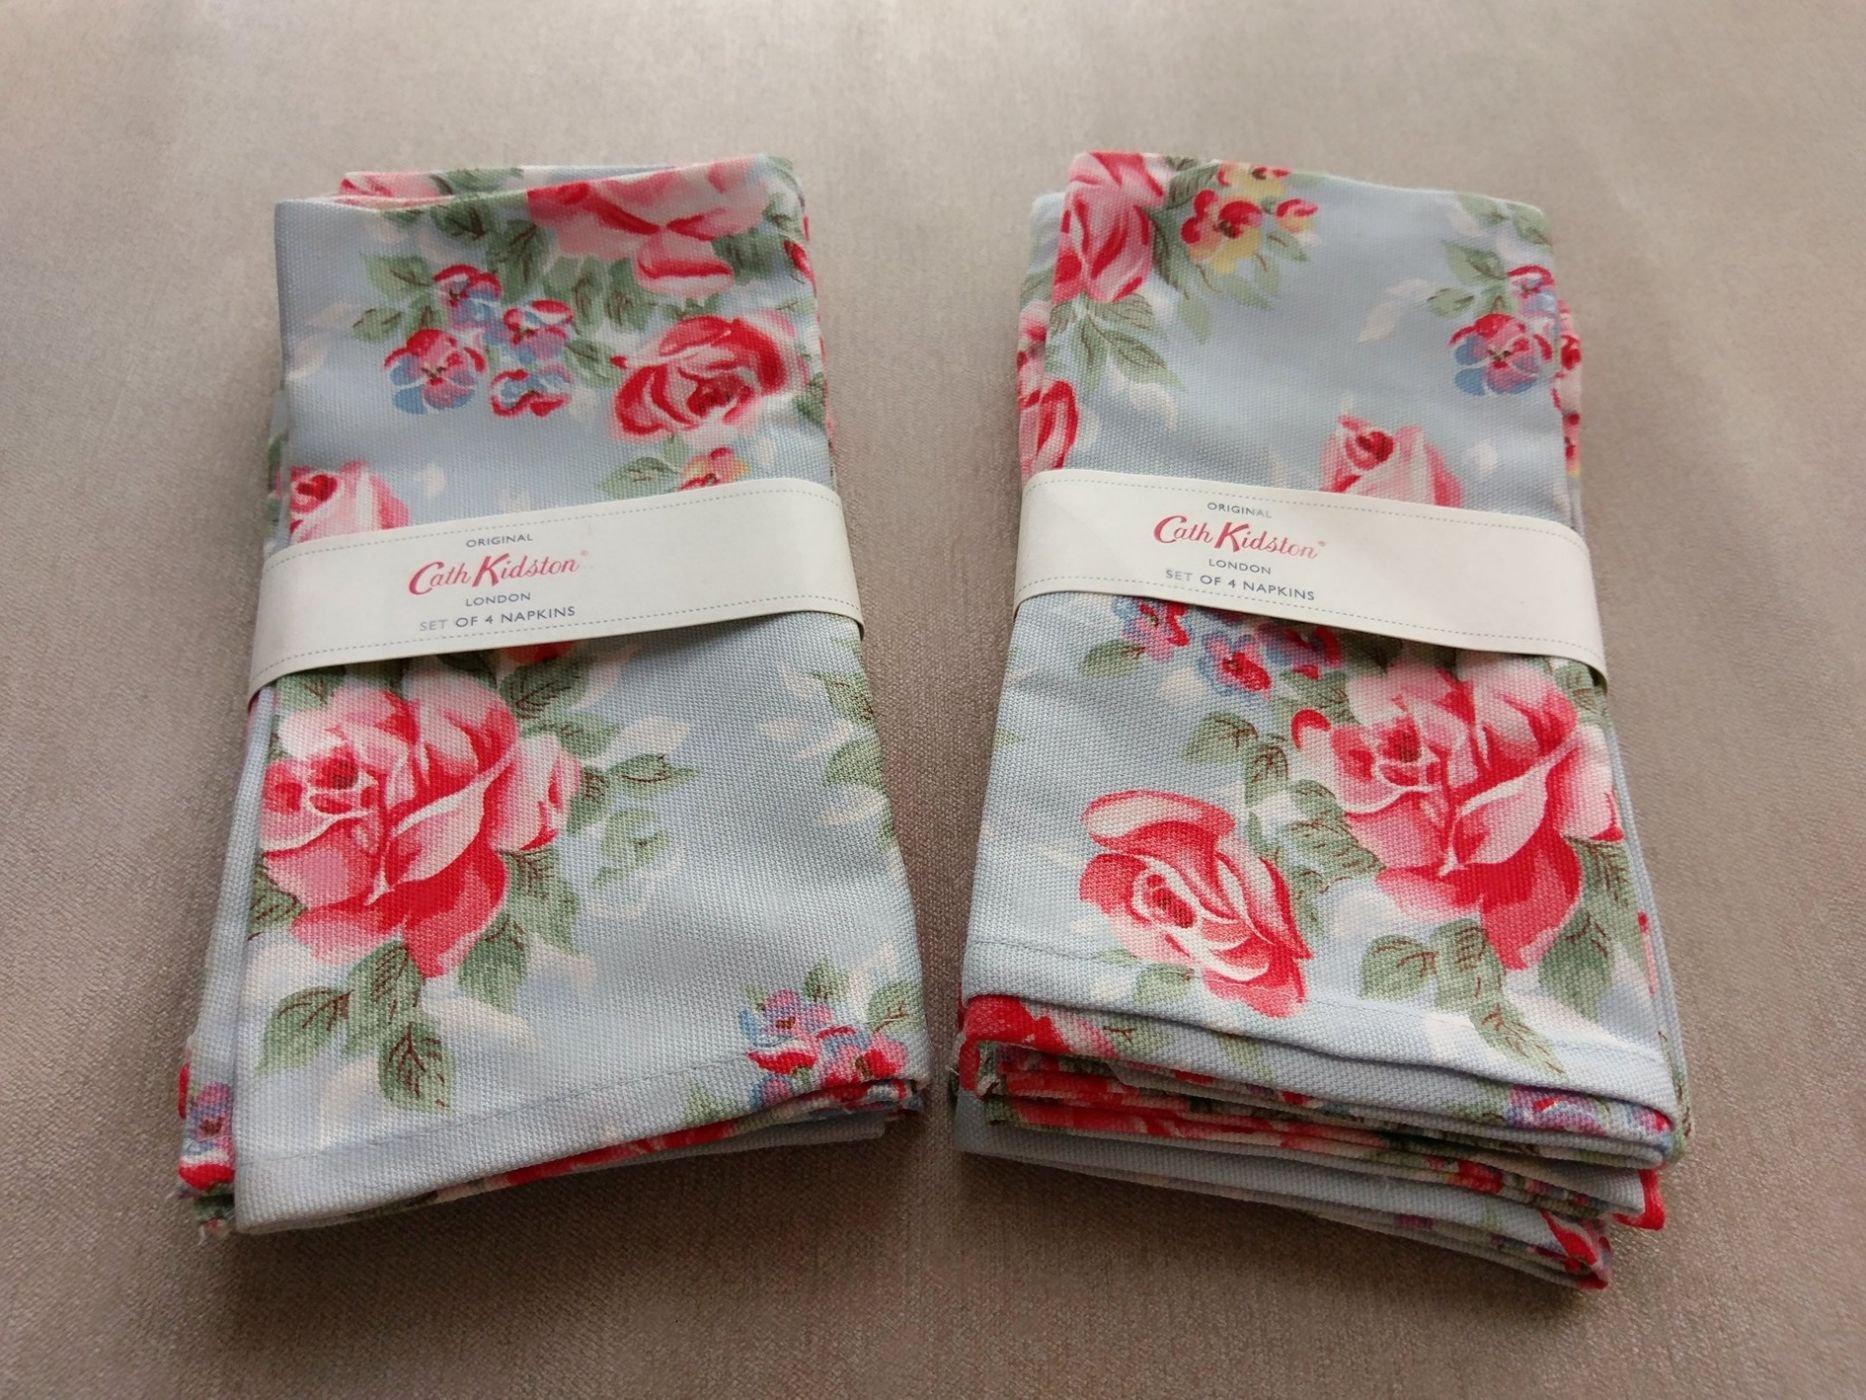 全新英國Cath Kidston經典花色English Rose英倫玫瑰100%純棉餐巾(45cmx45cm) 每組四個